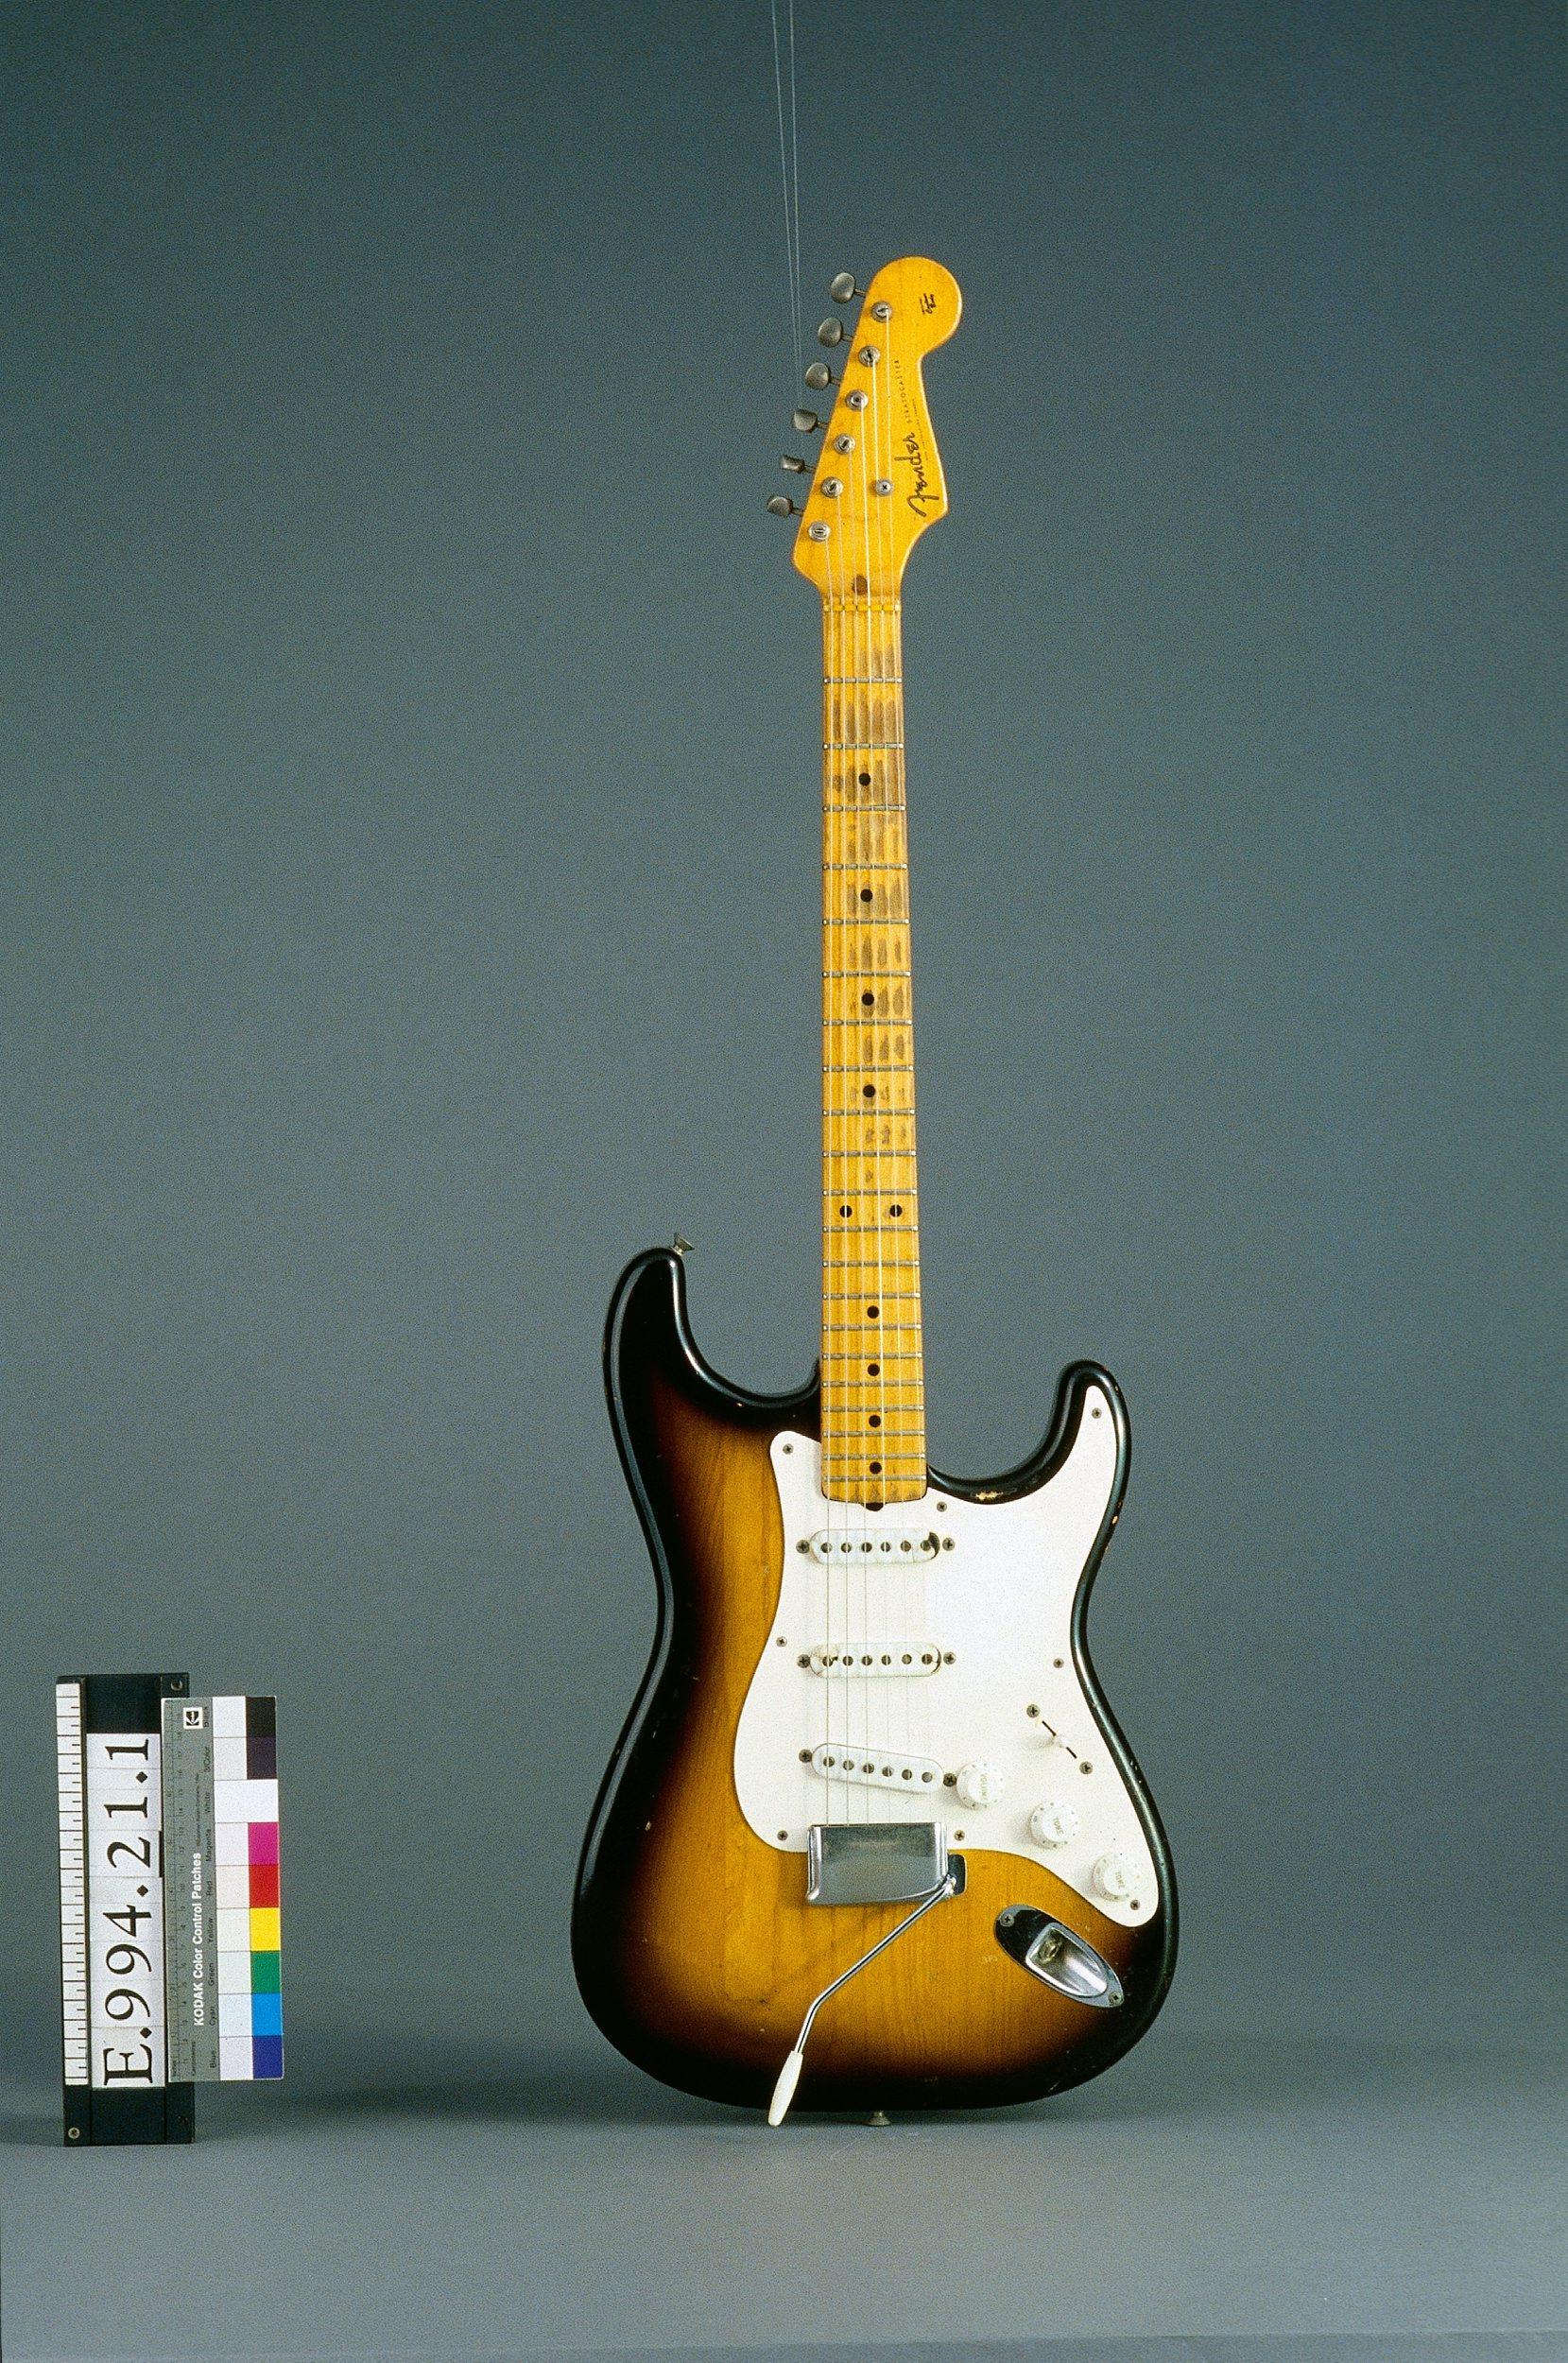 Guitare électrique modèle Stratocaster   Fender